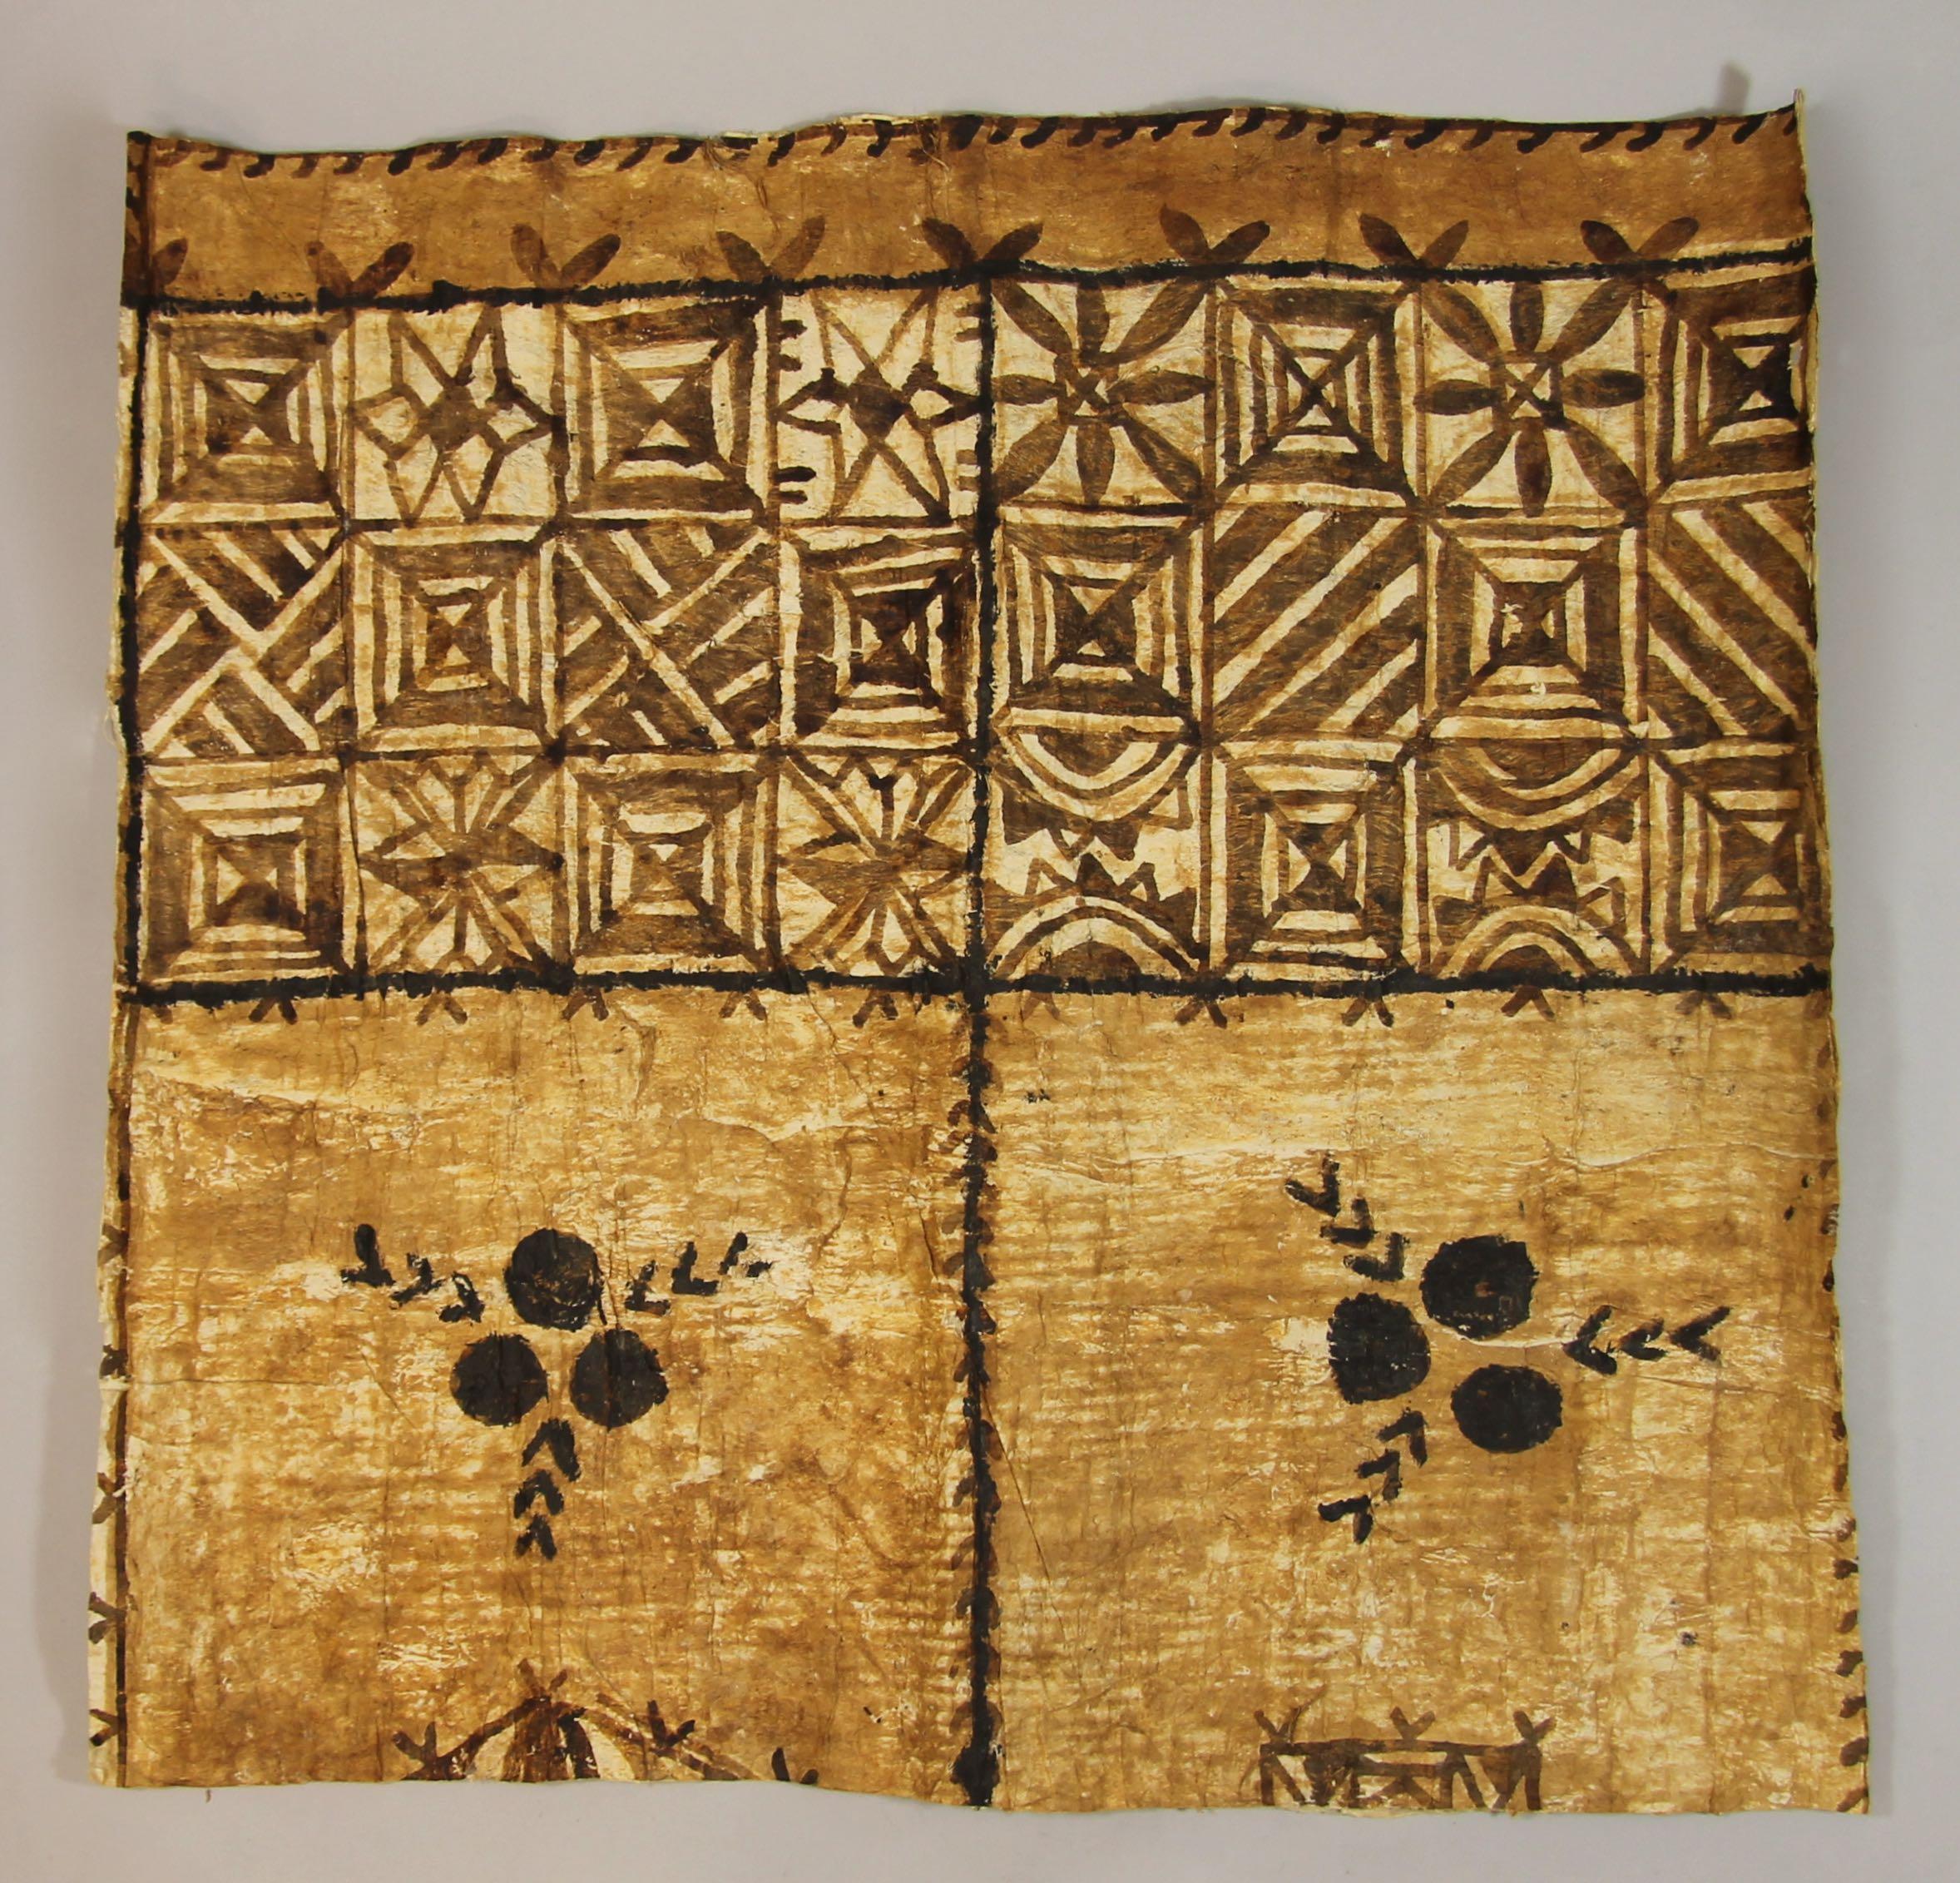 Tapa panel (fragment)